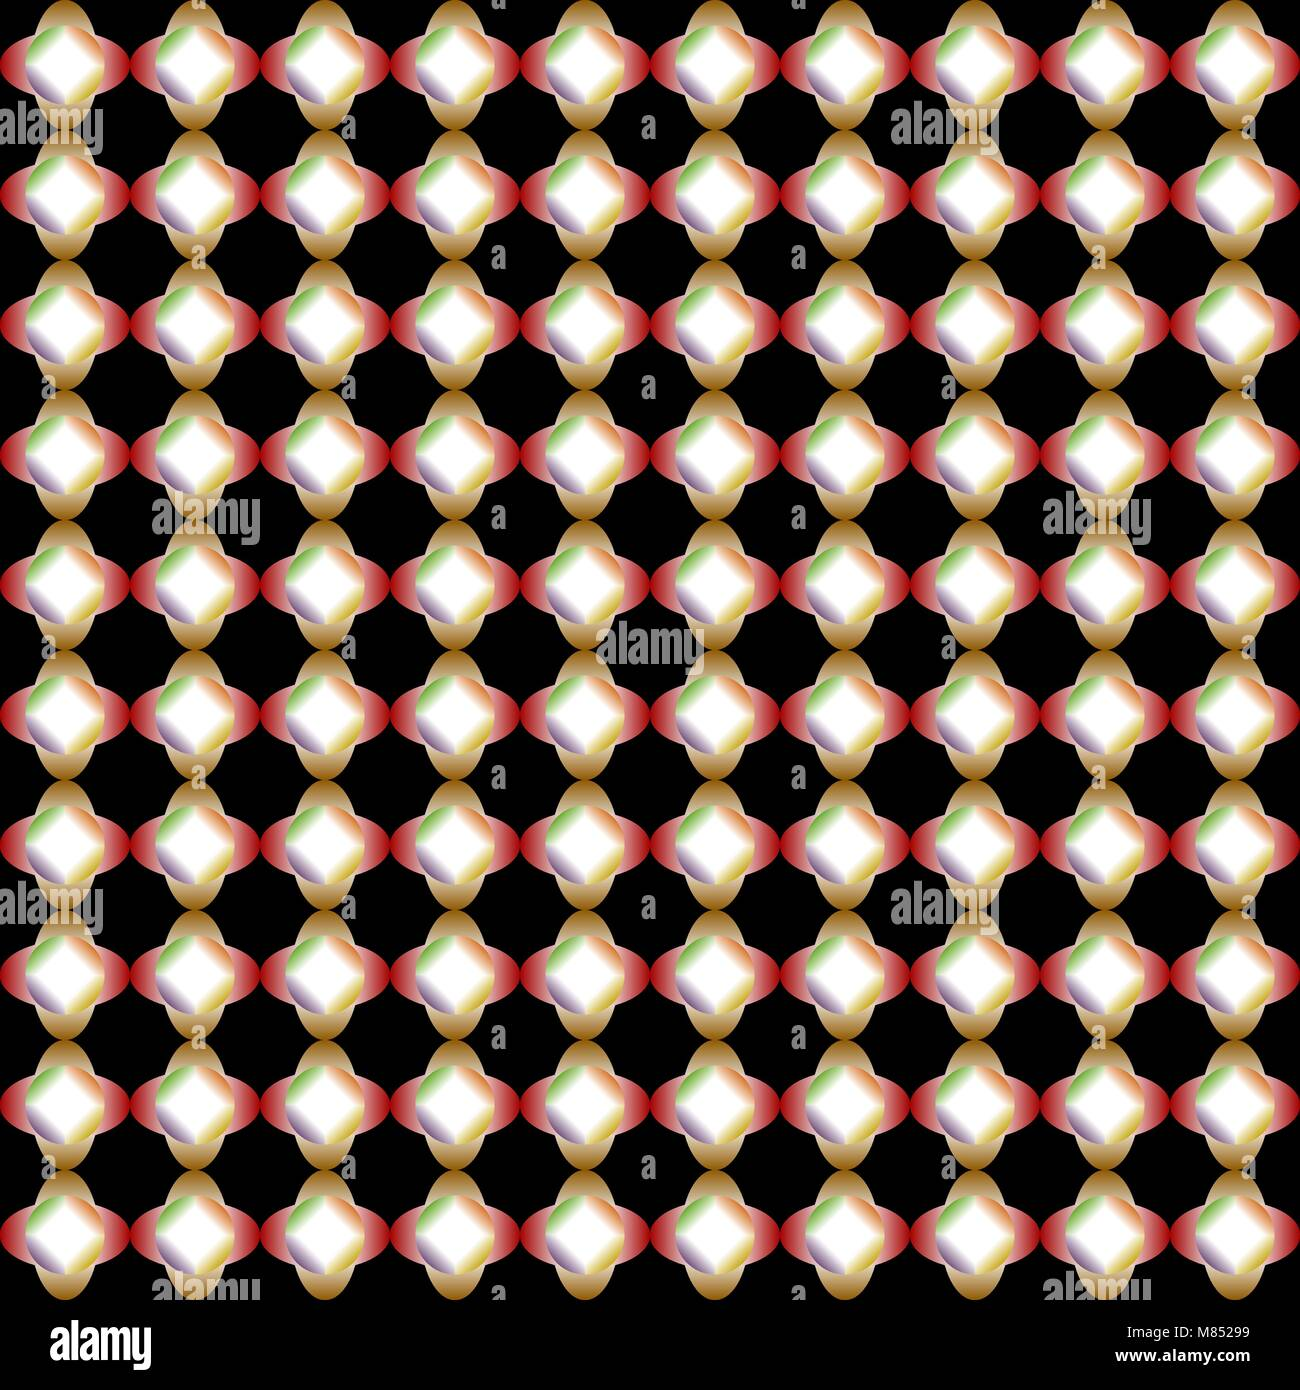 Abstract colorful gradient de circle et formes ellipse isolé sur fond noir. Vector illustration. Photo Stock